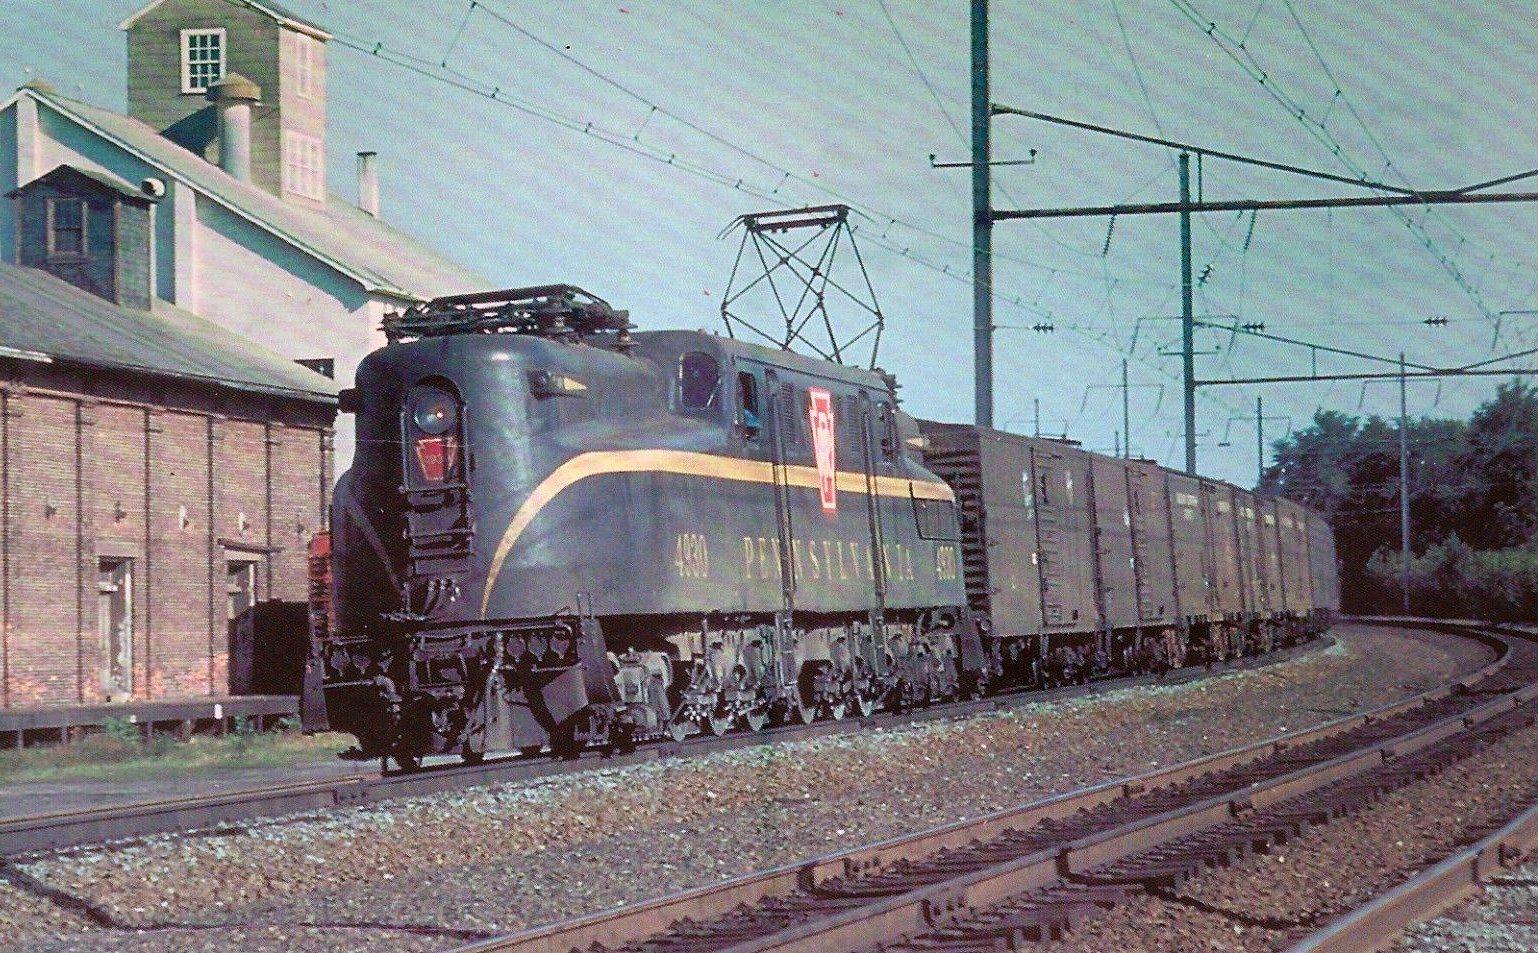 The Pennsylvania Class Gg1